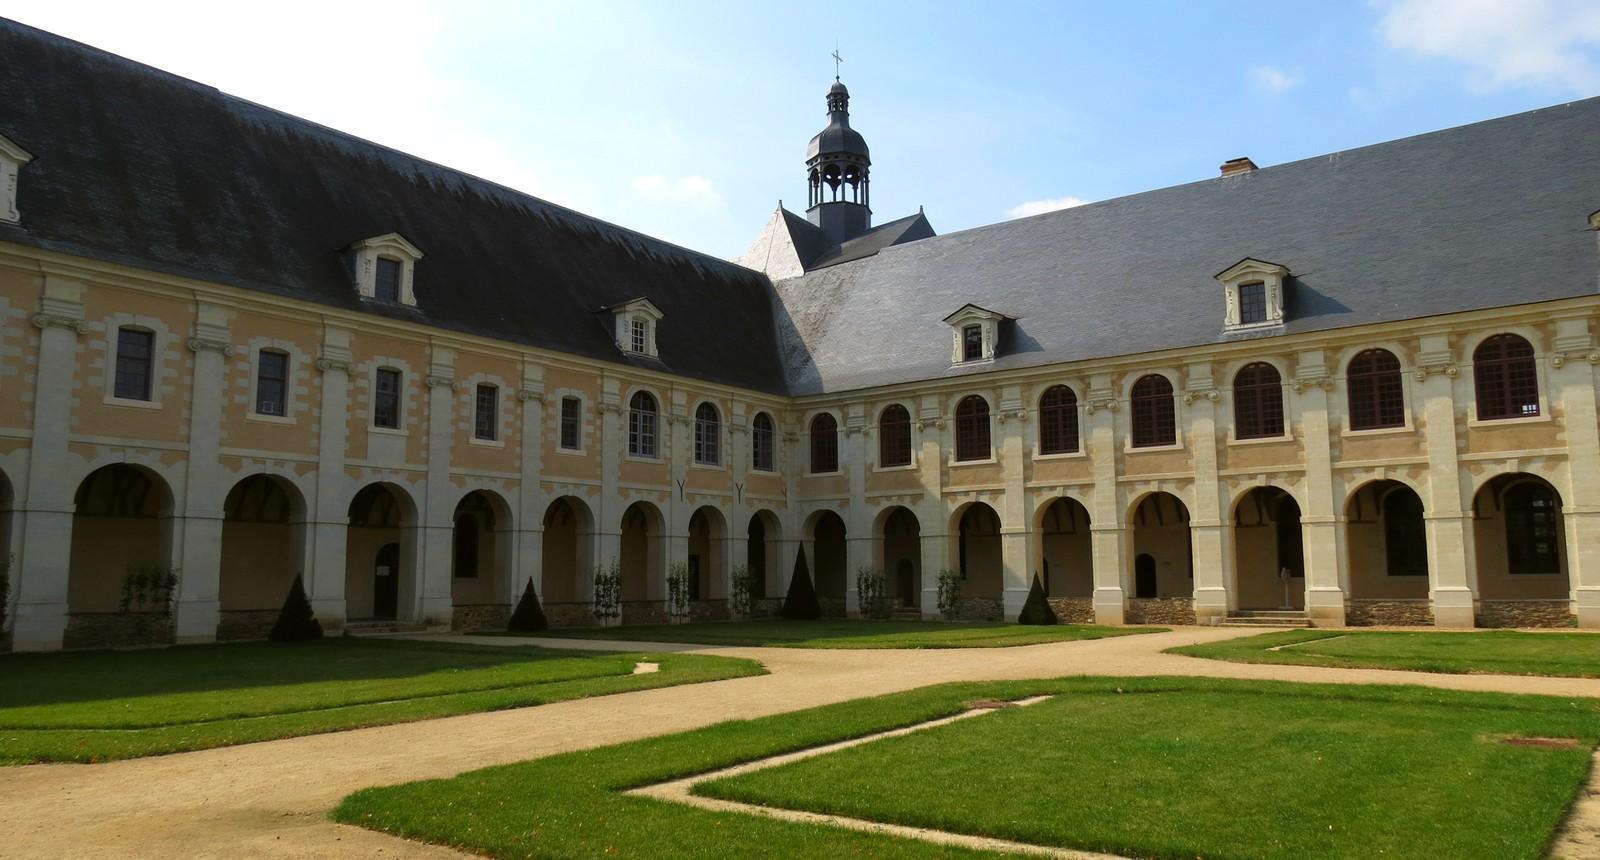 Château-Gontier, Couvent des Ursulines